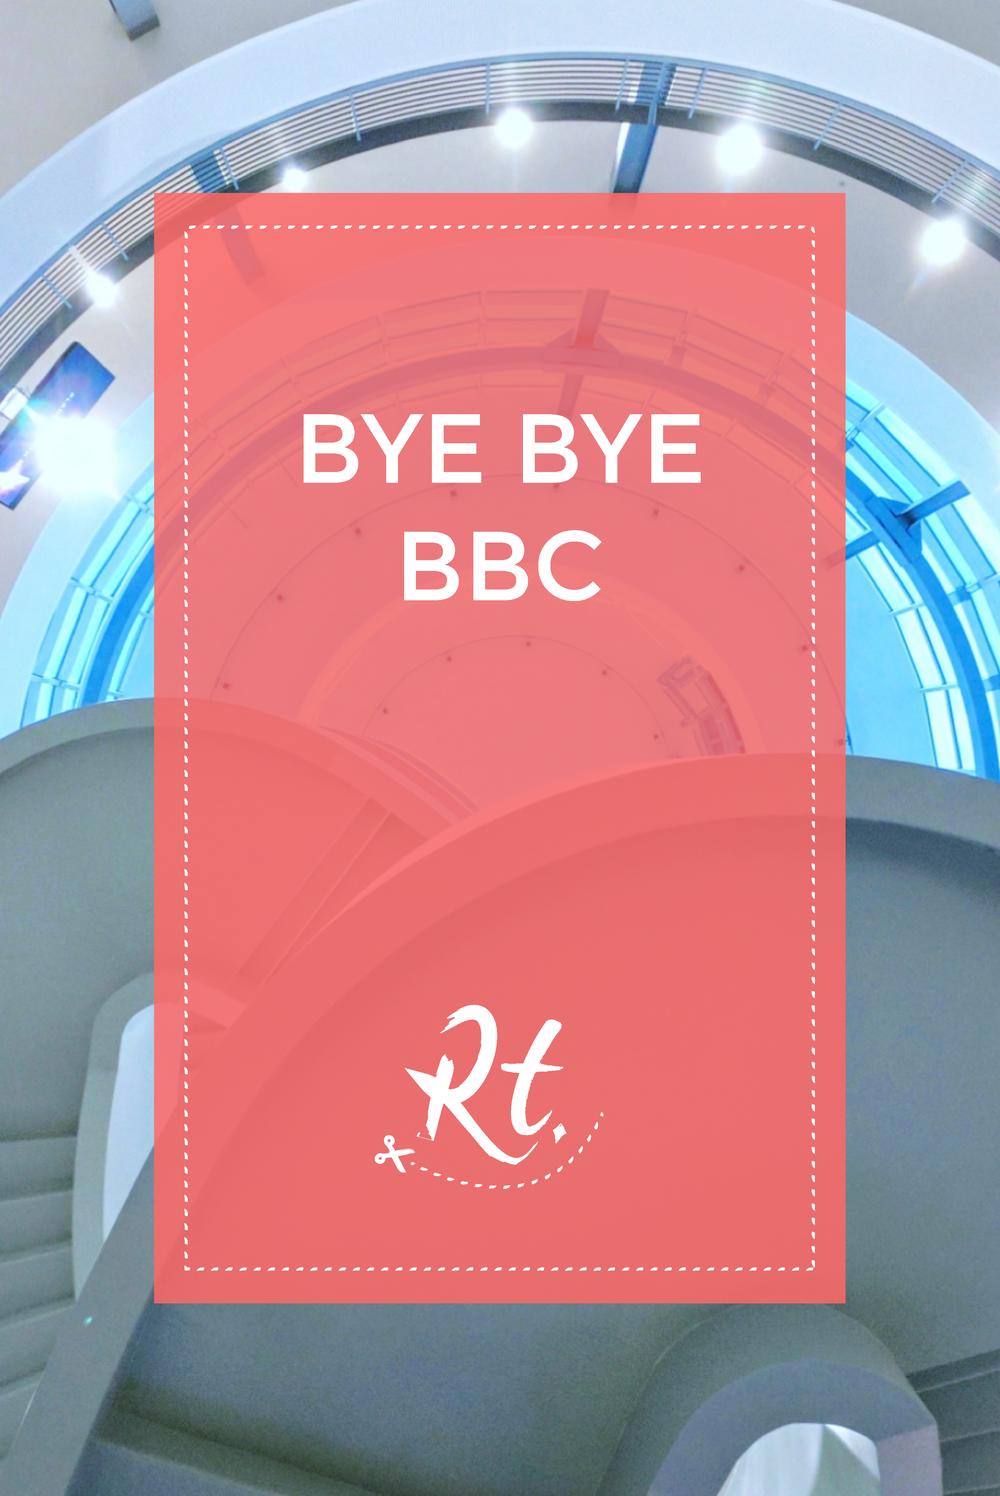 BBC Worldwide, spiral staircase